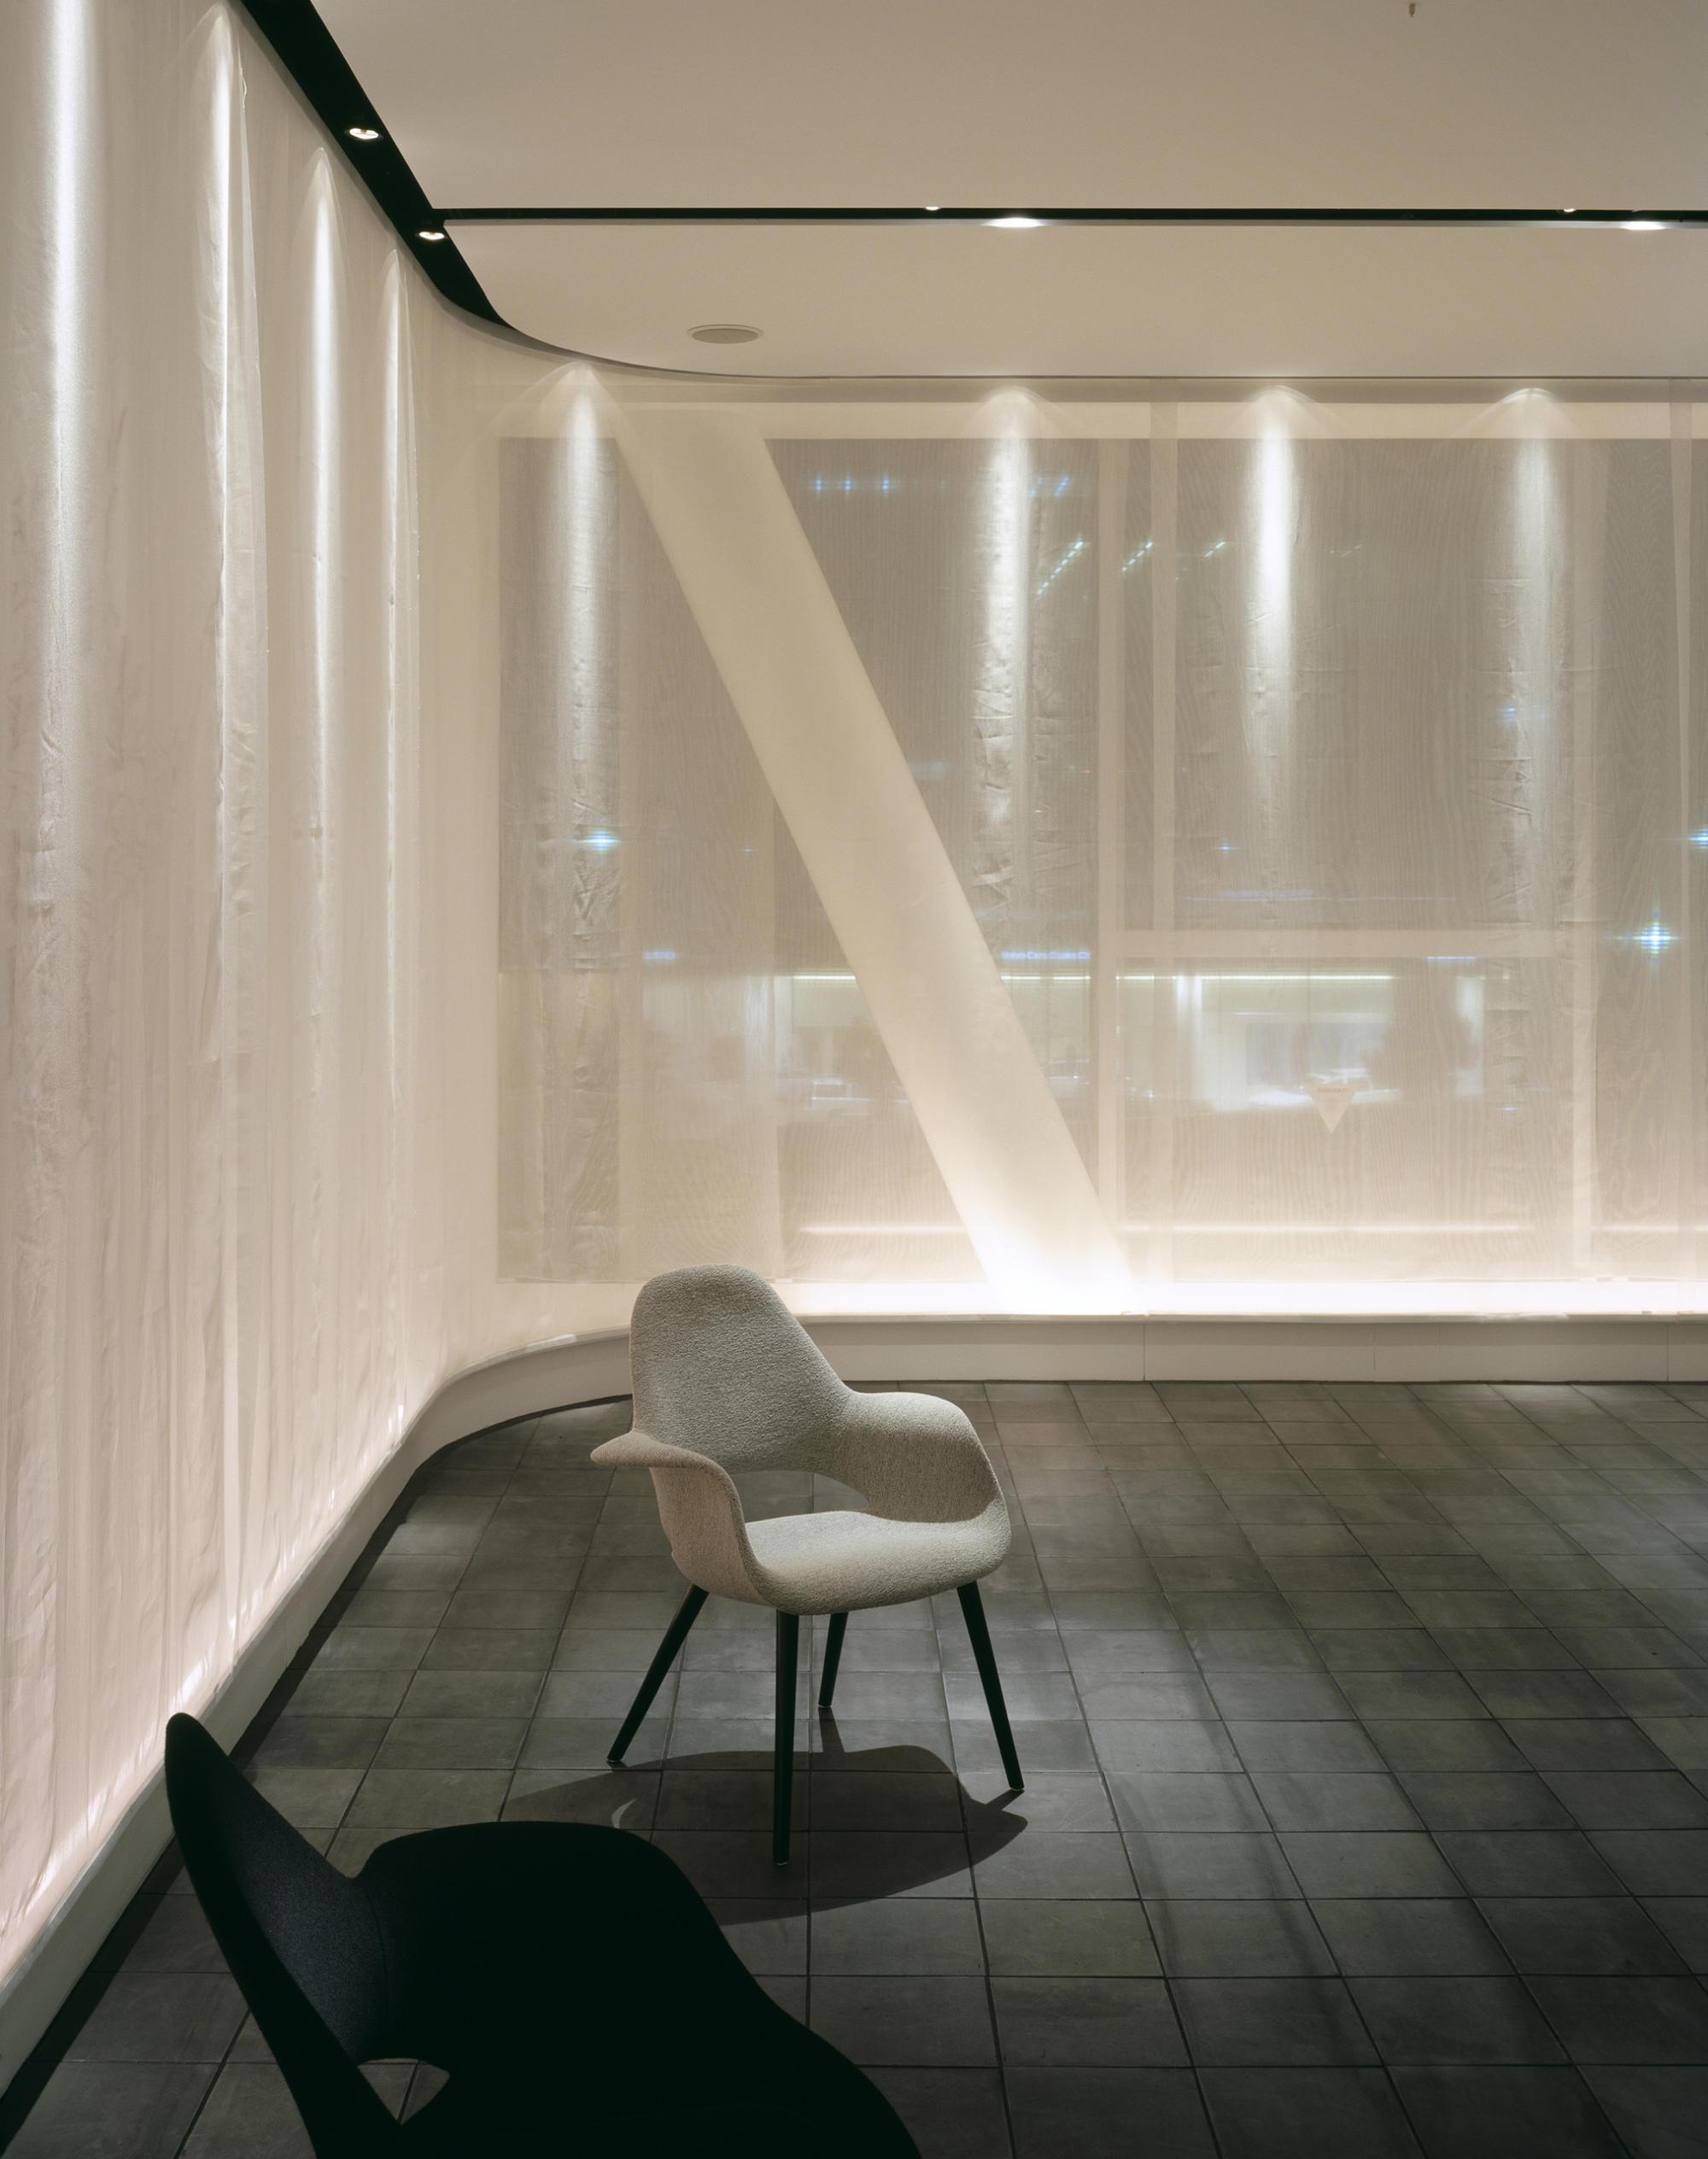 インターオフィス大阪支店 / ショールーム | WORKS |